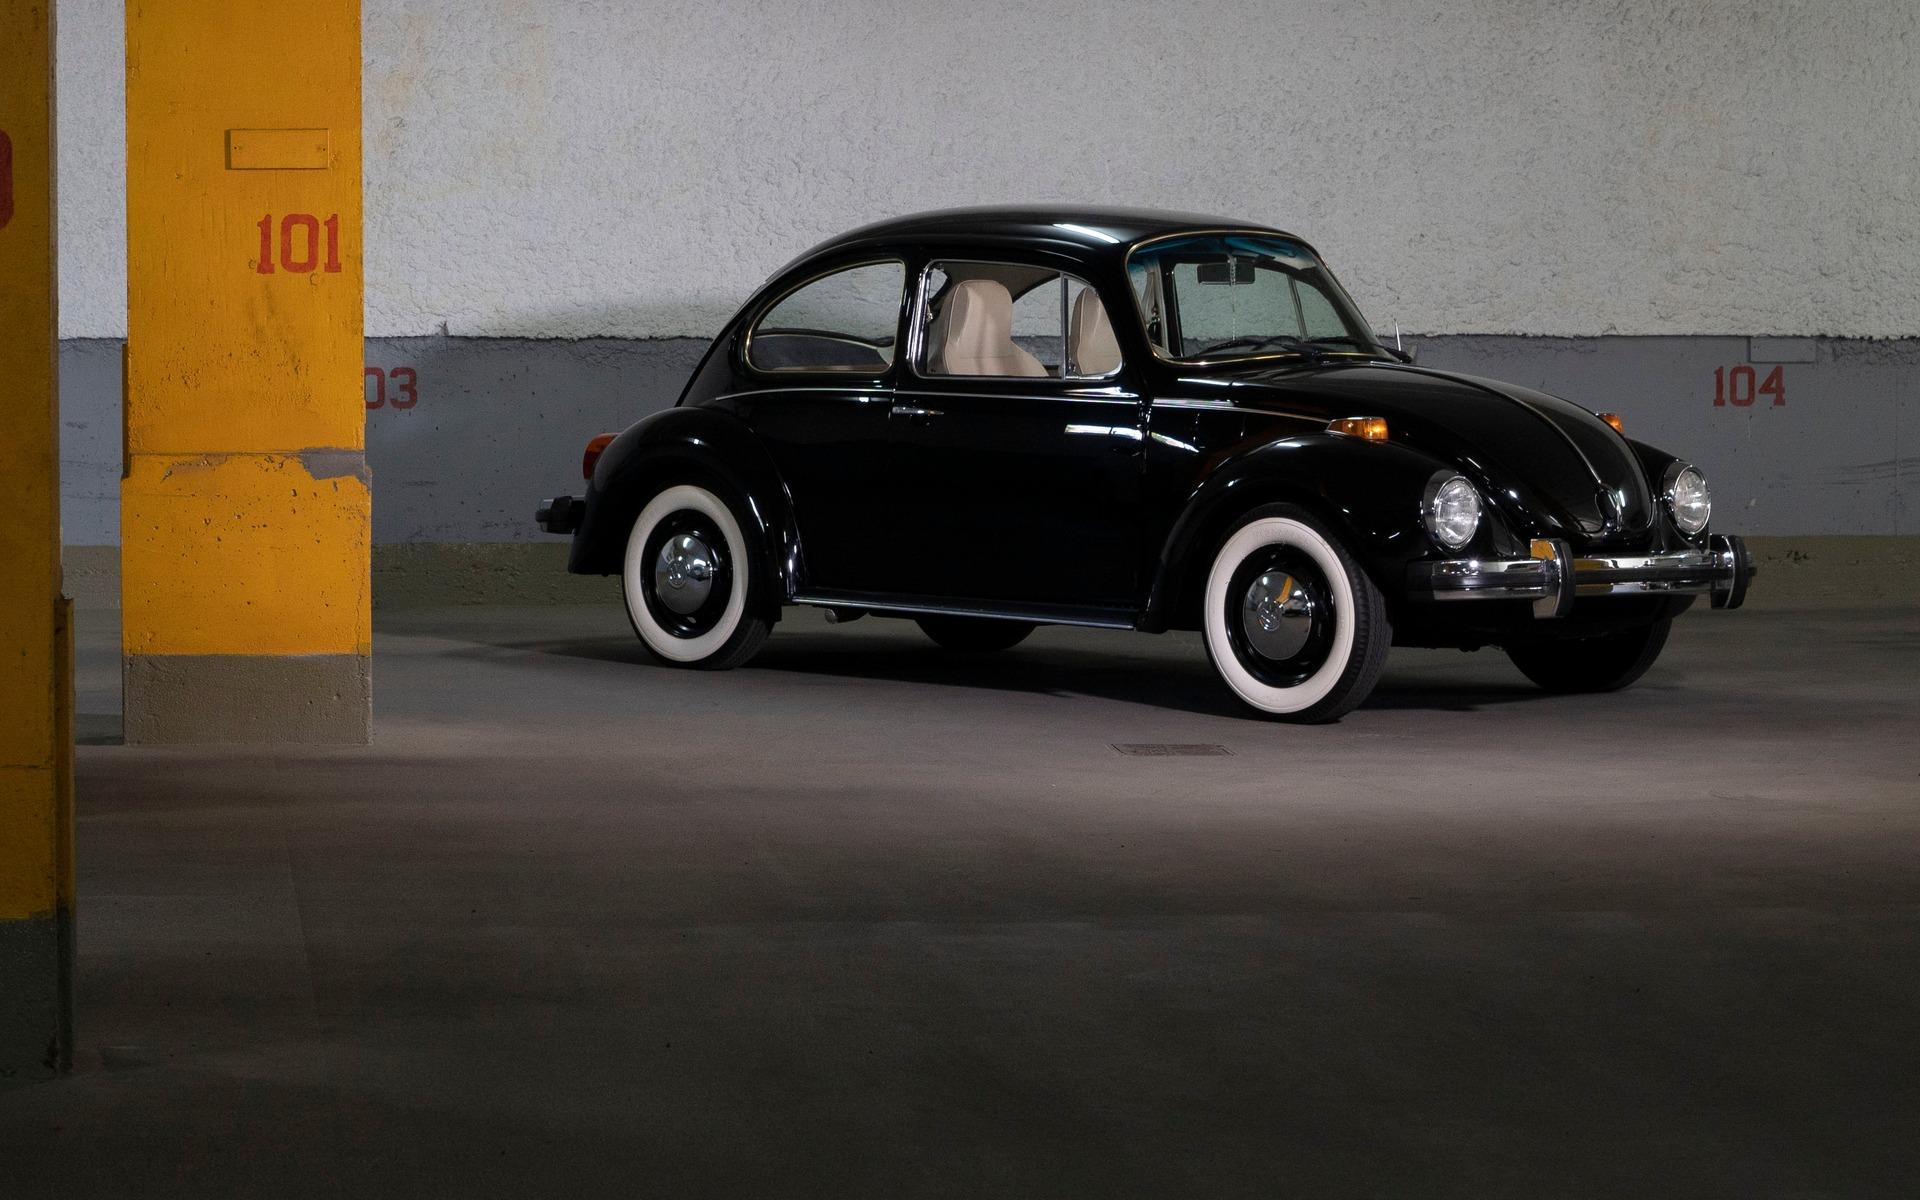 Parle-moi de ton char : Michel et son amour pour la Coccinelle 397422_1974_Volkswagen_Beetle